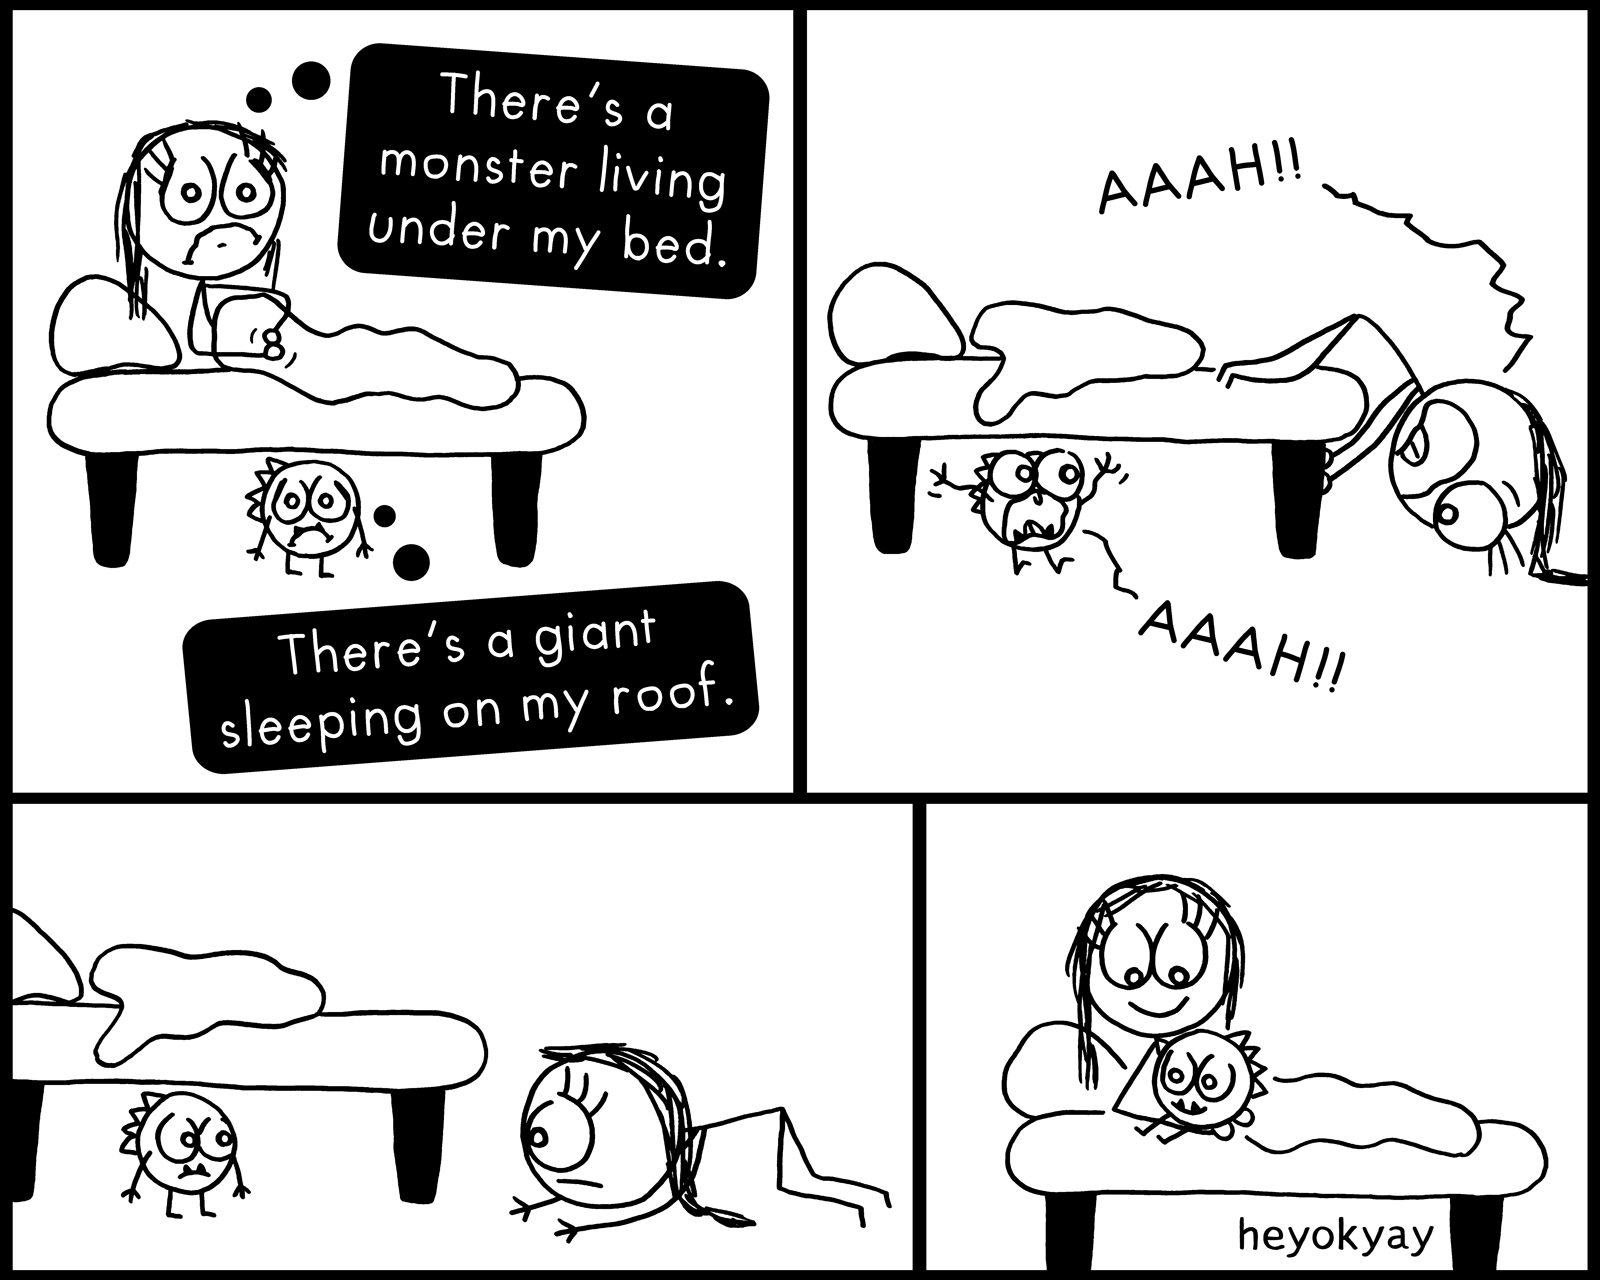 Under my bed | Hey ok yay?